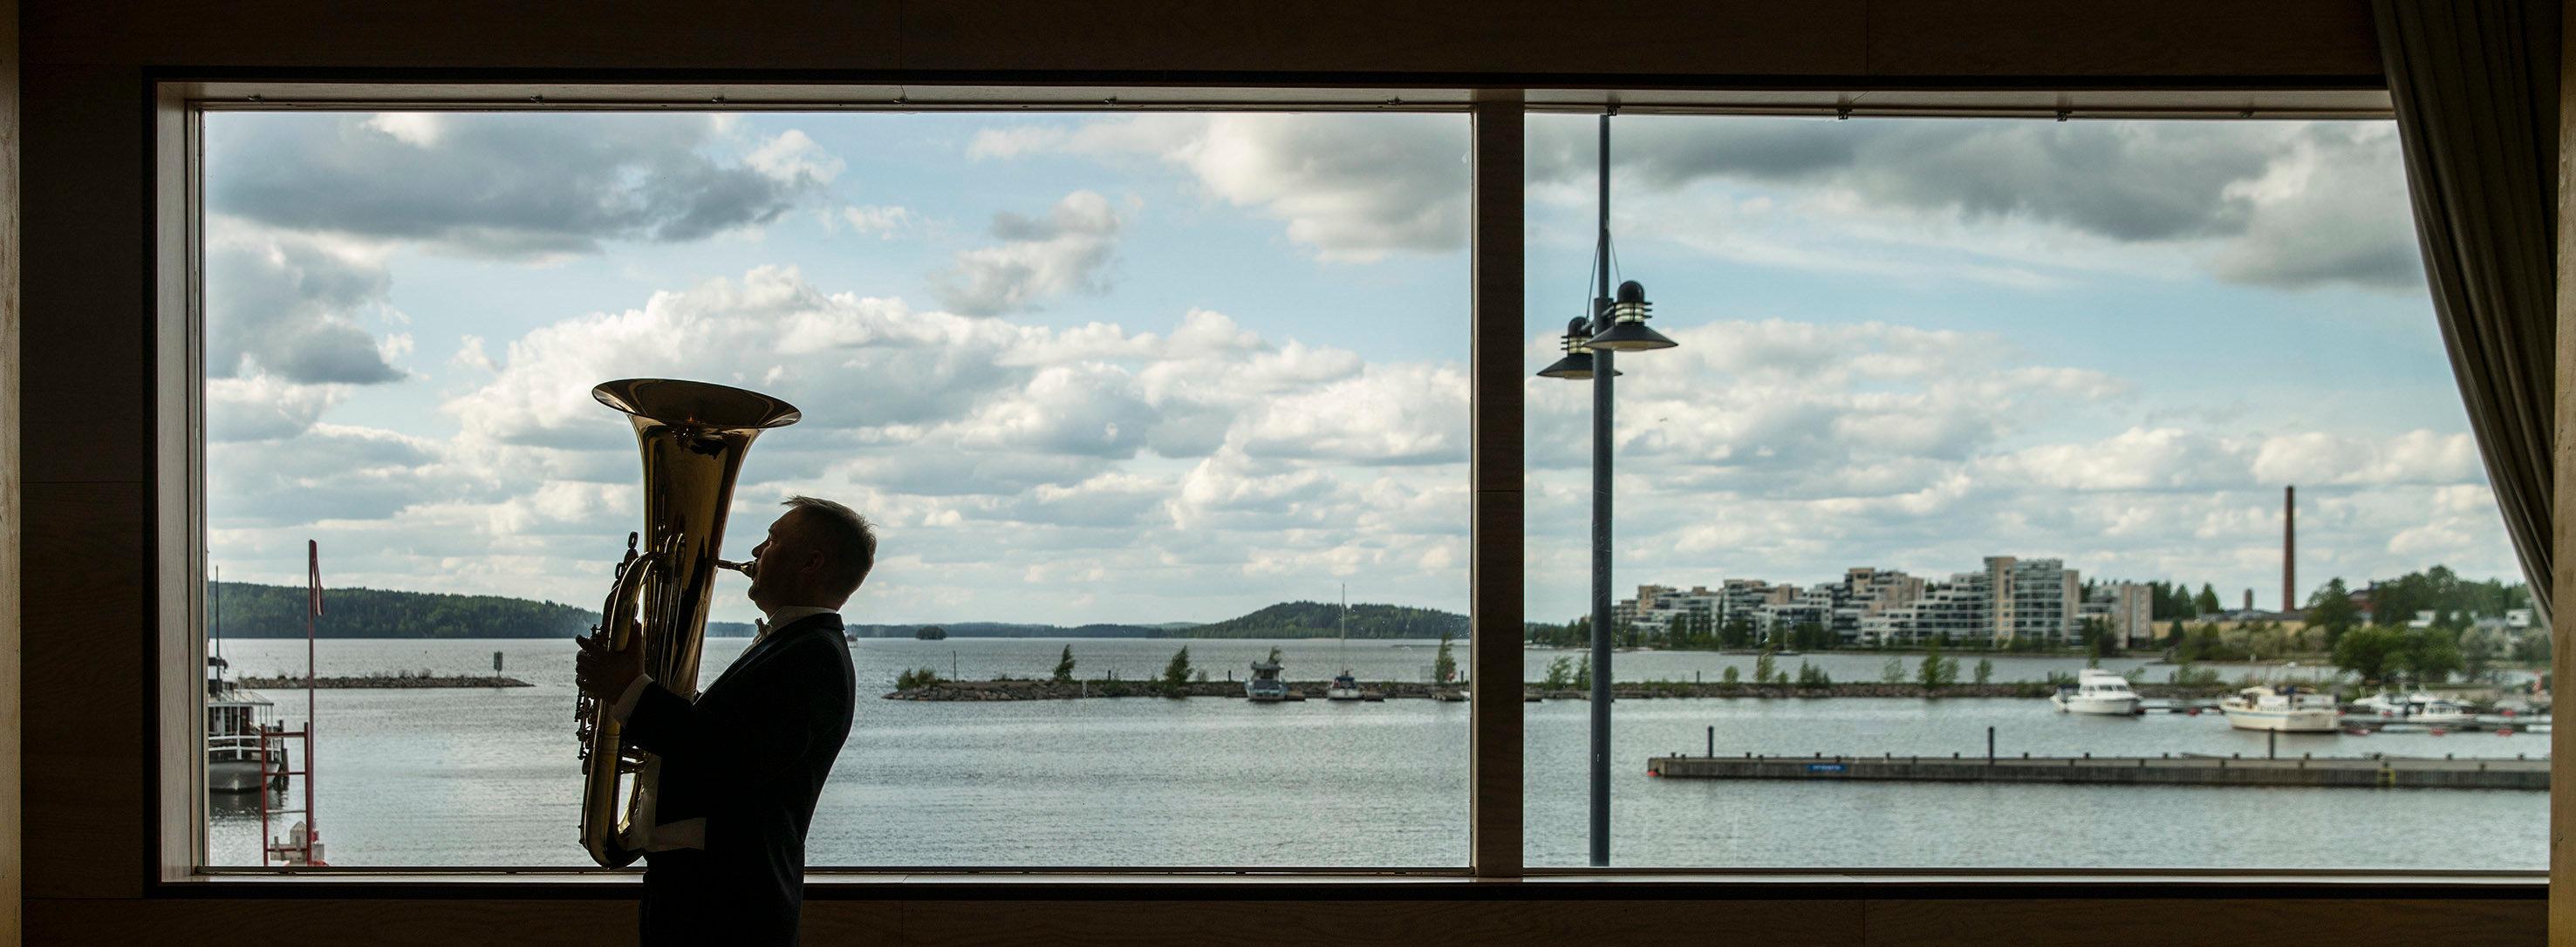 Window010468.jpg